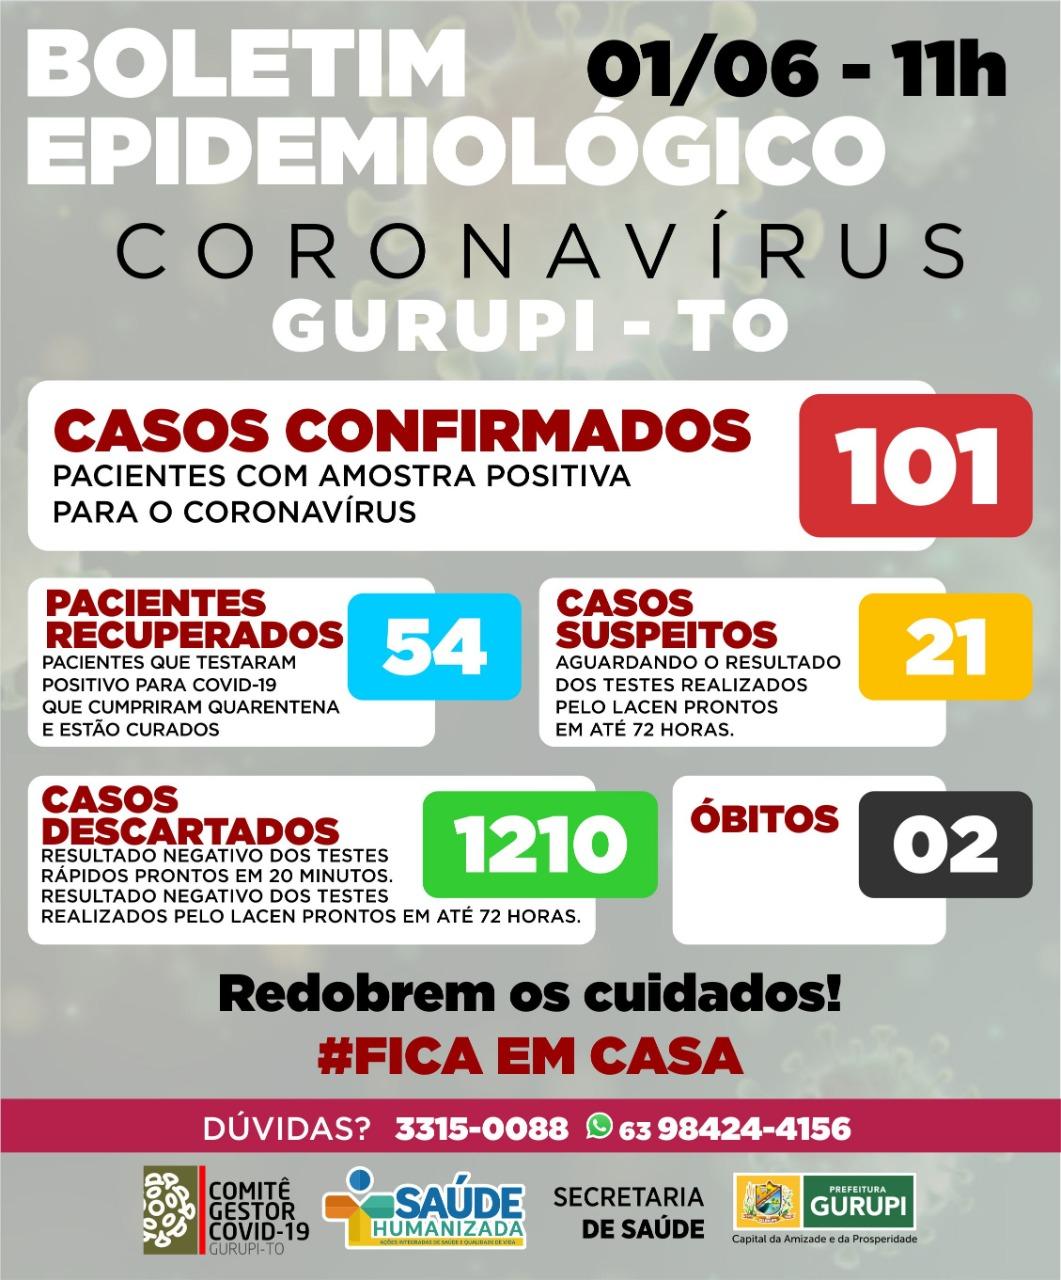 Gurupi divulga boletim epidemiológico sem novos casos de Covid-19 e número de recuperados aumenta